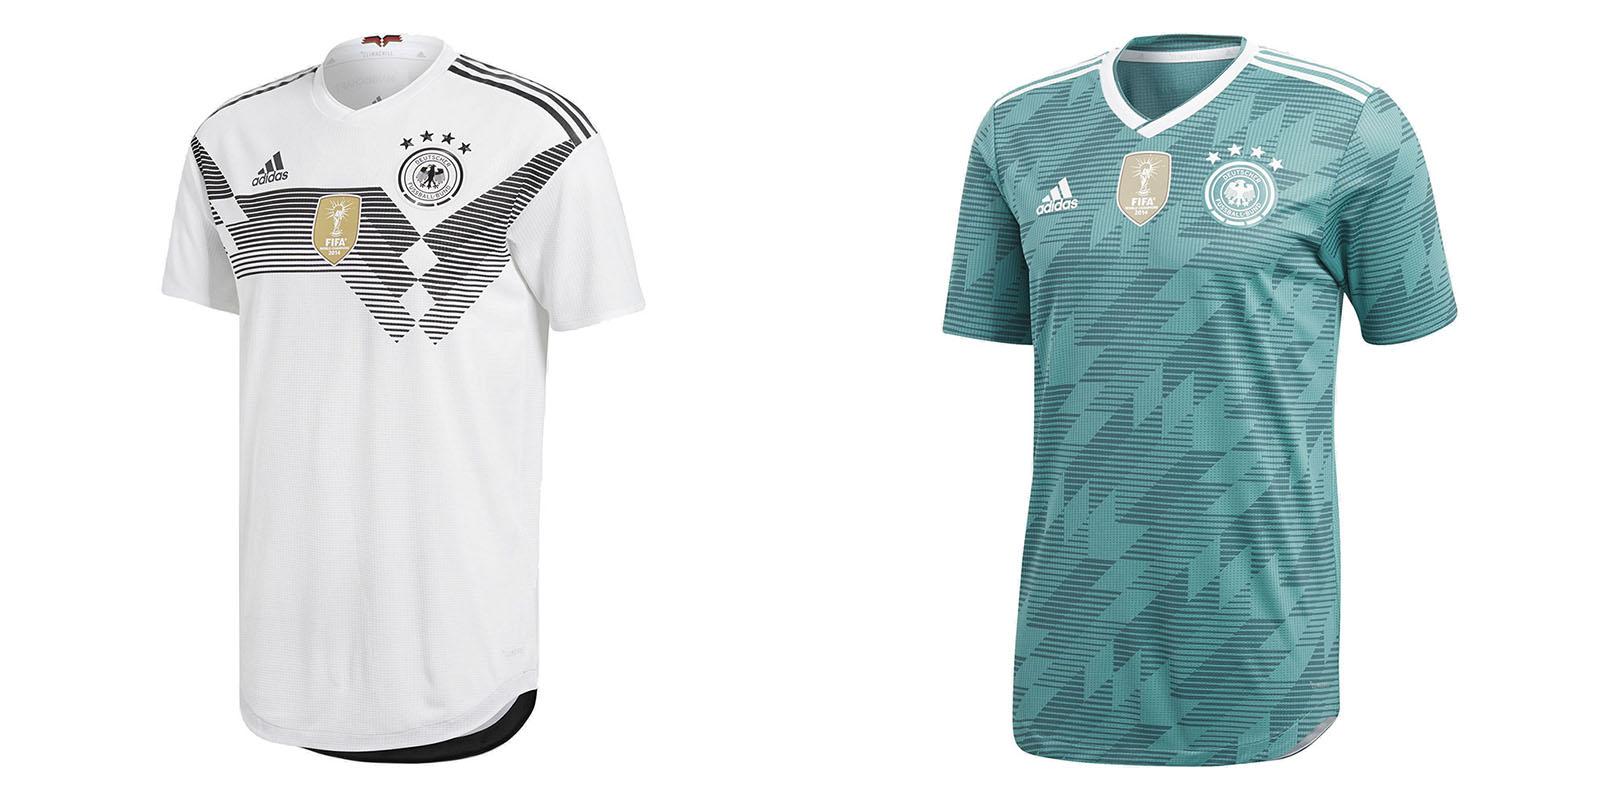 Форма сборной Германии на ЧМ2018